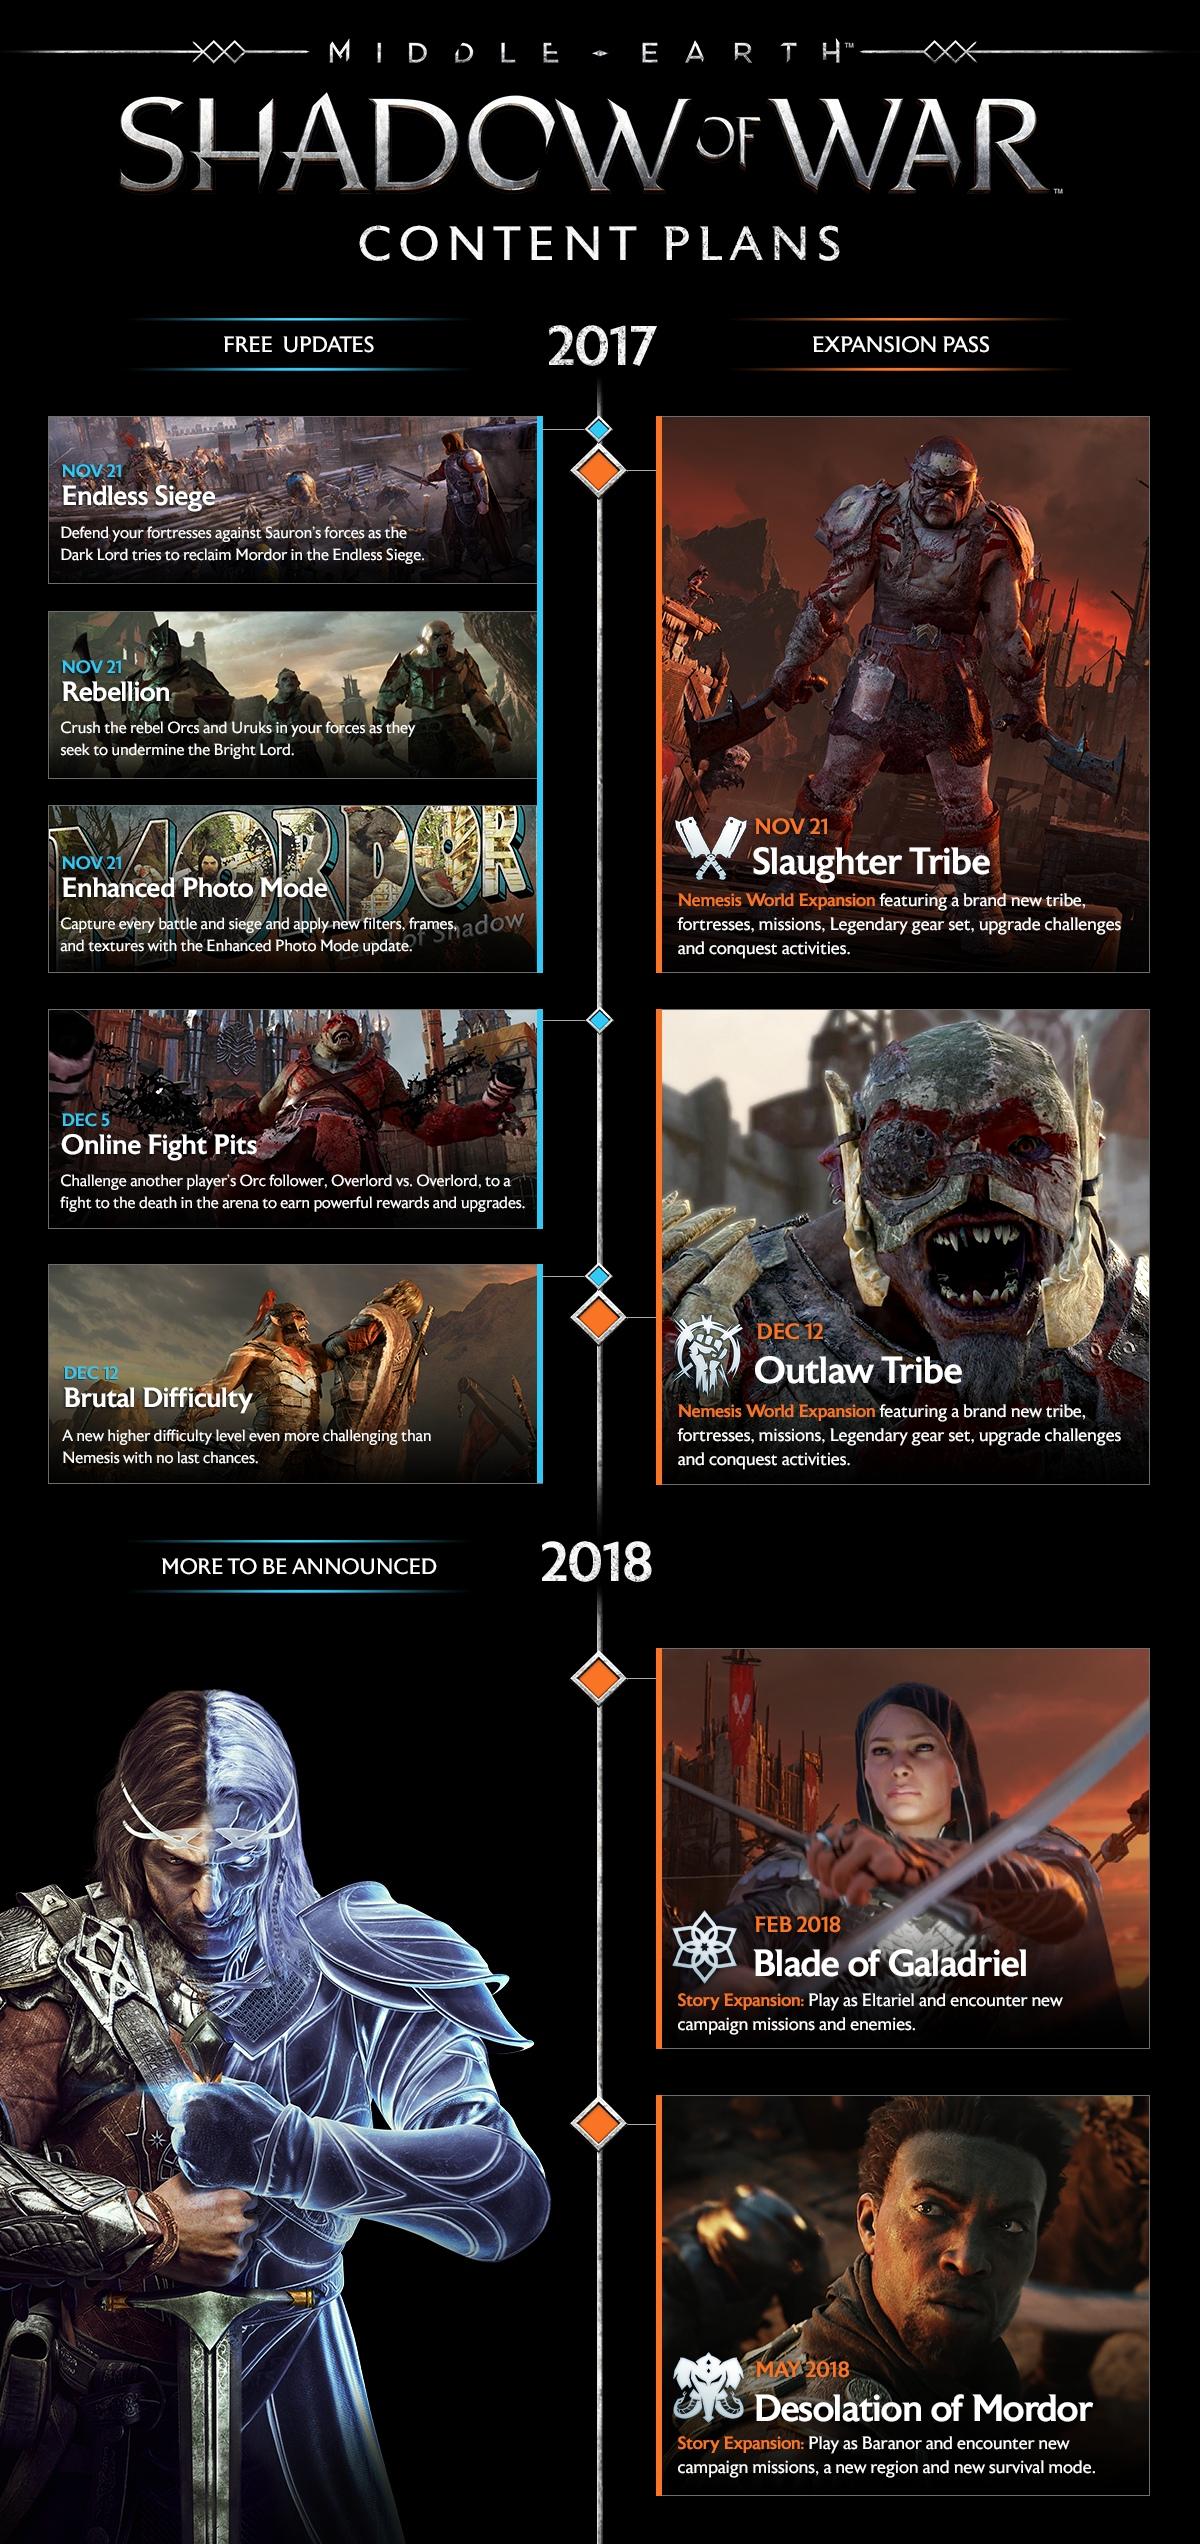 La Tierra Media: Sombras de Guerra presenta su plan de DLC gratuitos